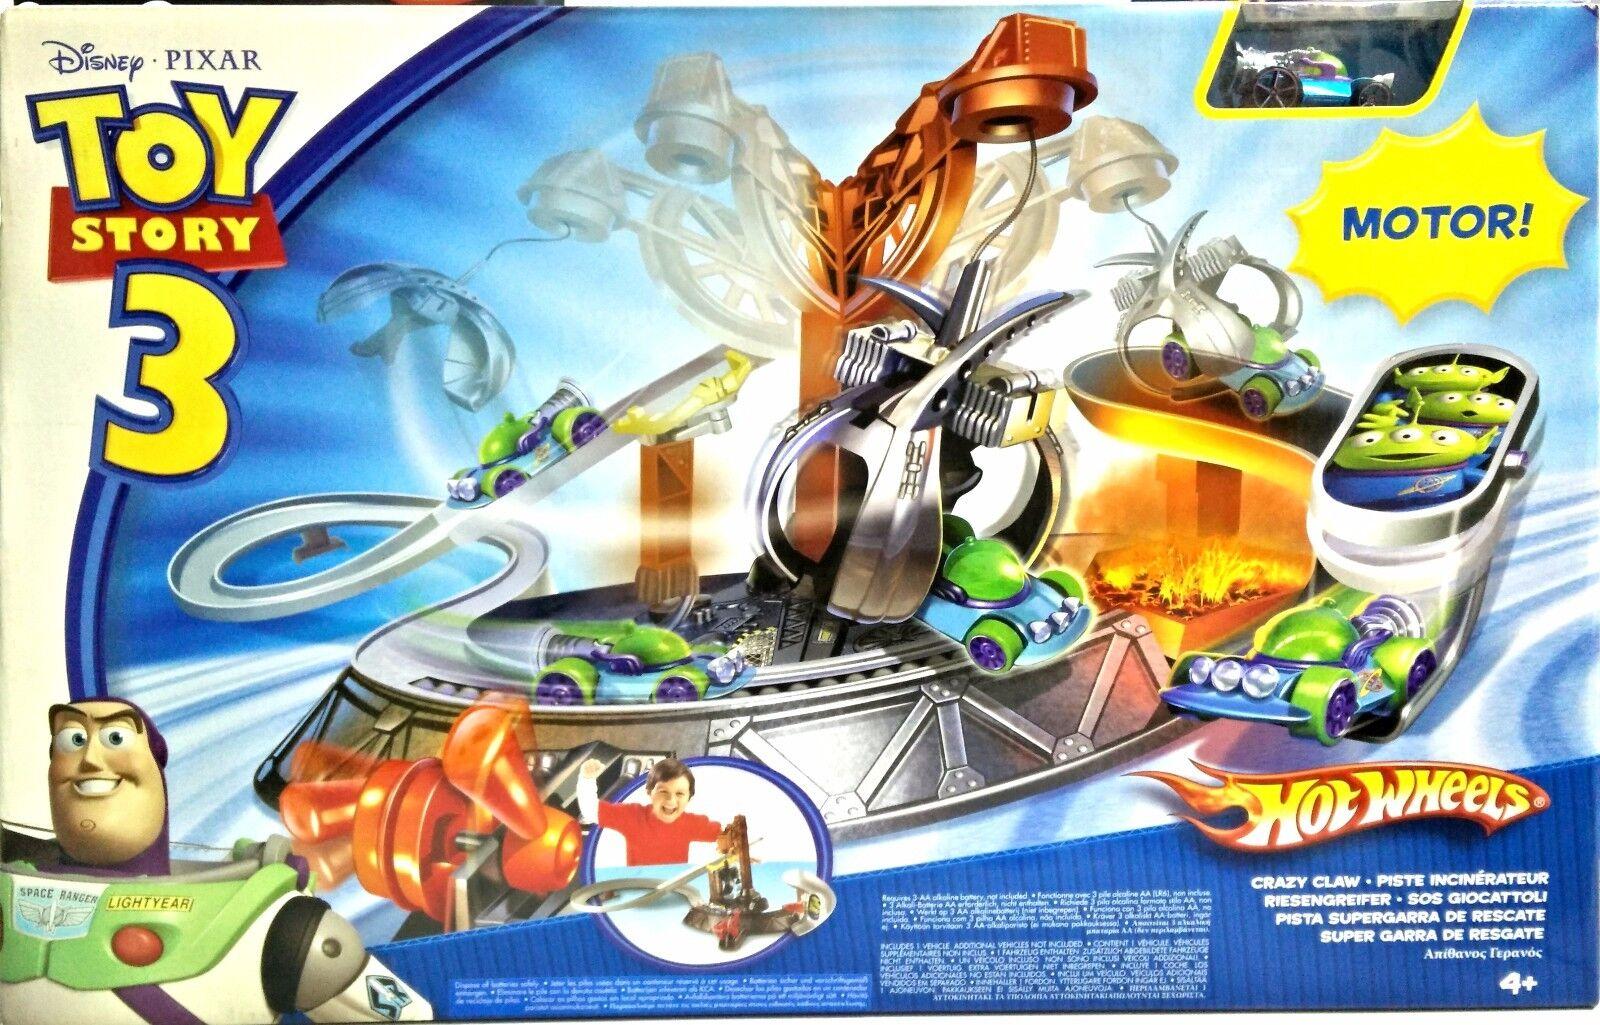 Hot Wheels - - - Pista Supergarra de Rescate Toy Story 3 R2524 - NUEVO 314